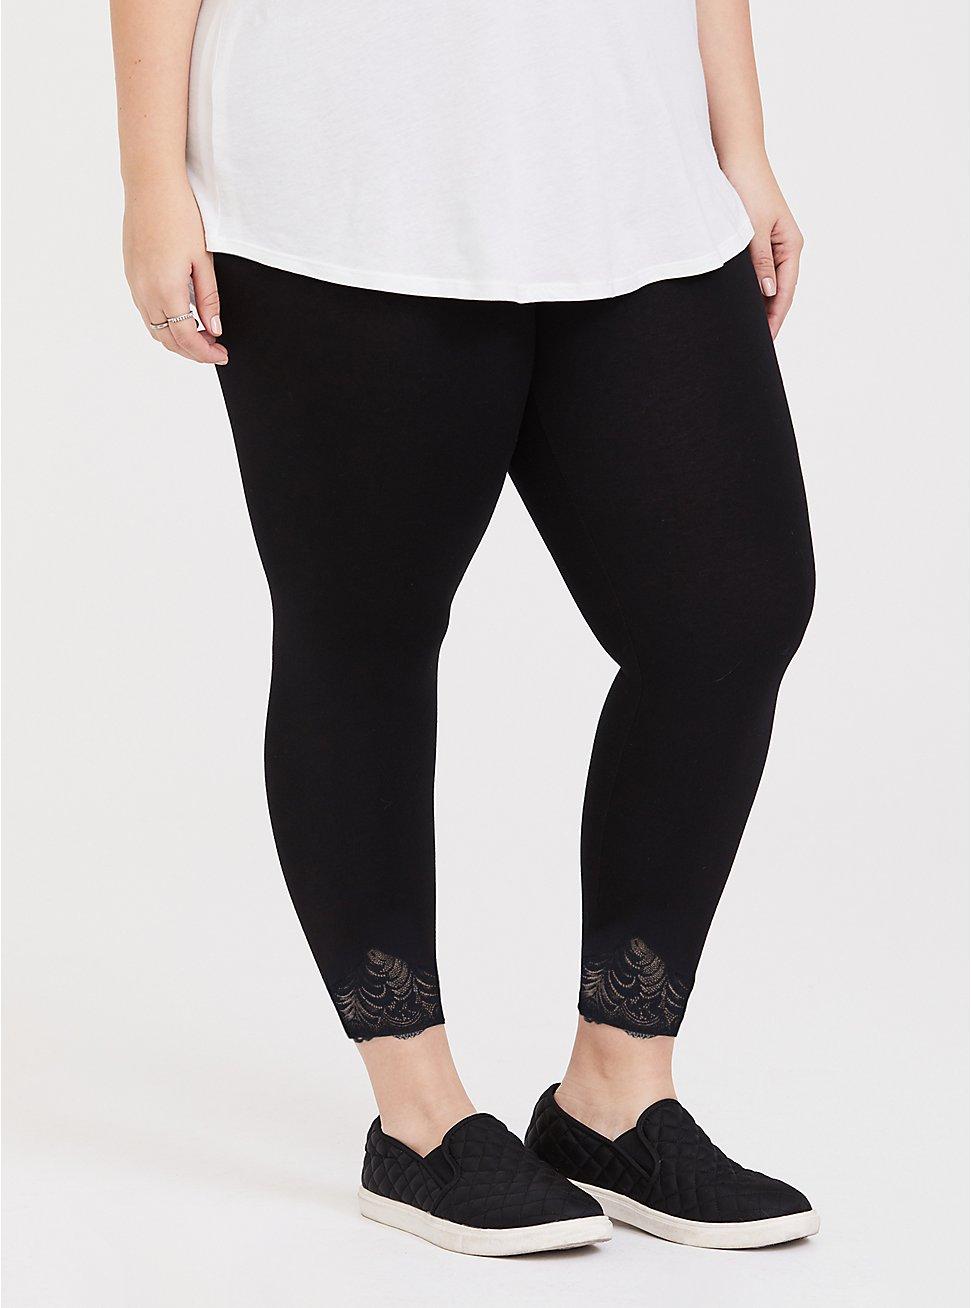 Plus Size Crop Premium Legging - Scalloped Hem Black, BLACK, hi-res